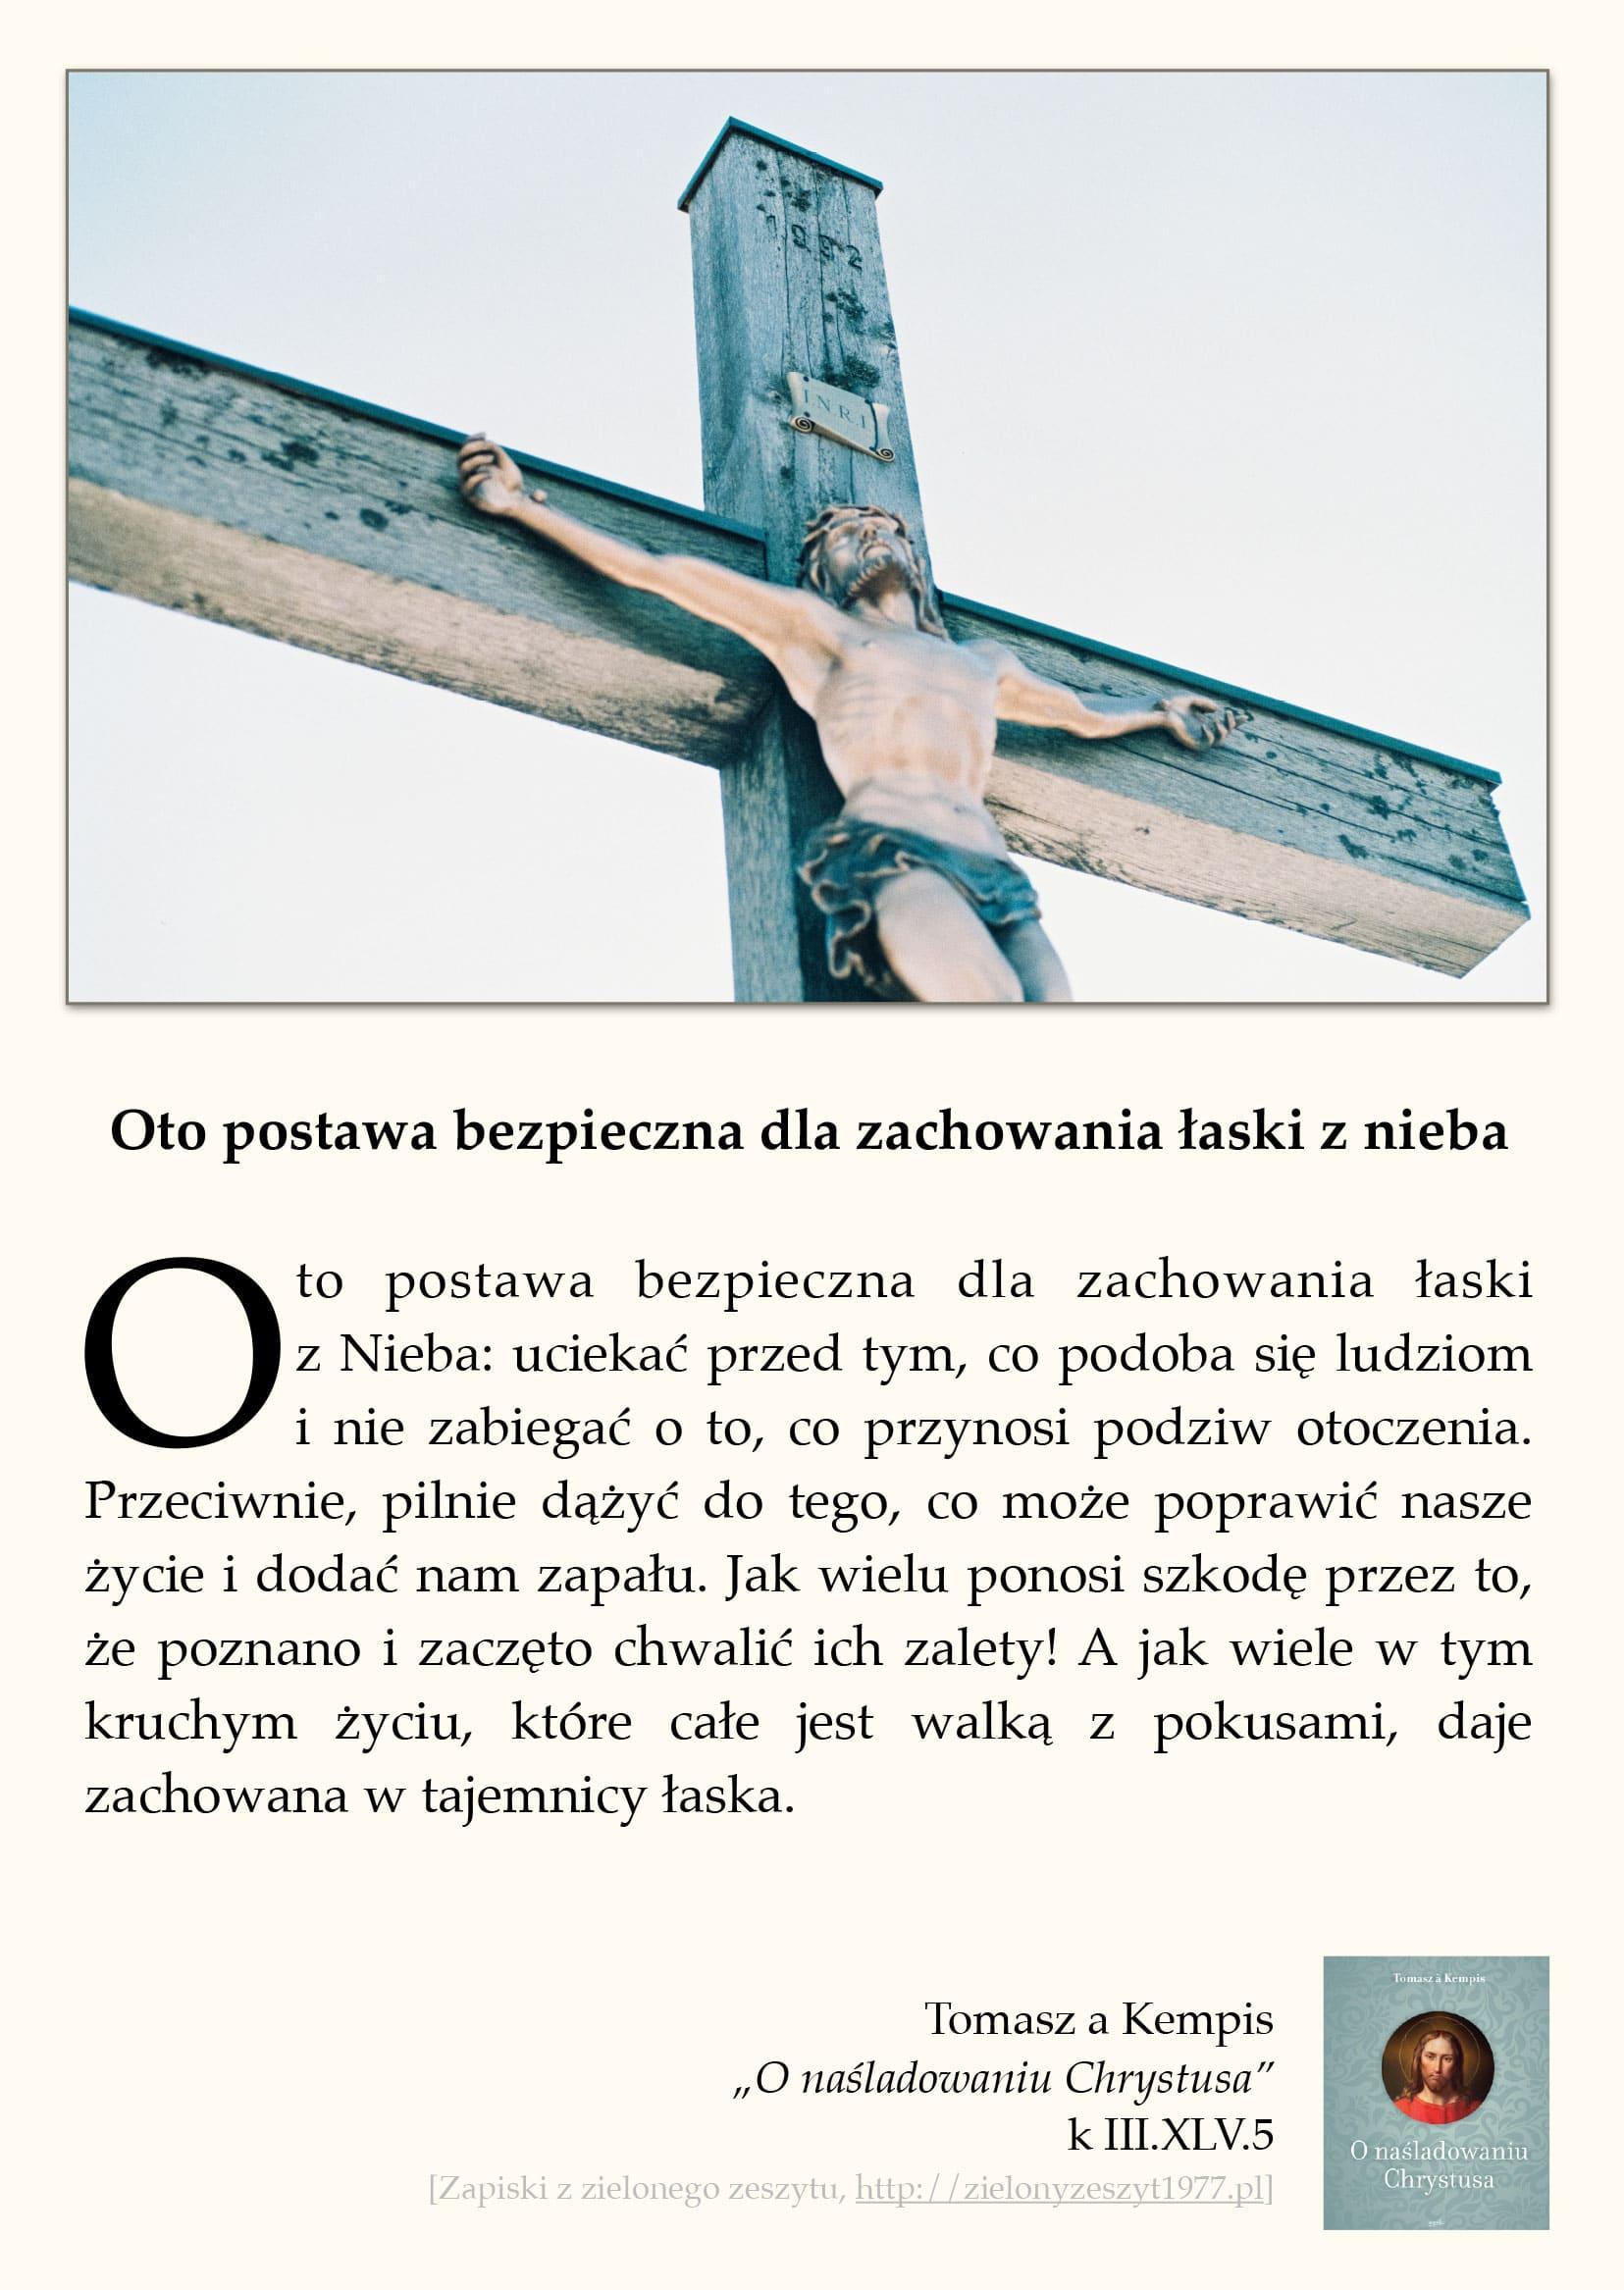 """Tomasz a Kempis, """"O naśladowaniu Chrystusa"""", k III.XLV.5 (Oto postawa bezpieczna dla zachowania łaski z nieba)"""